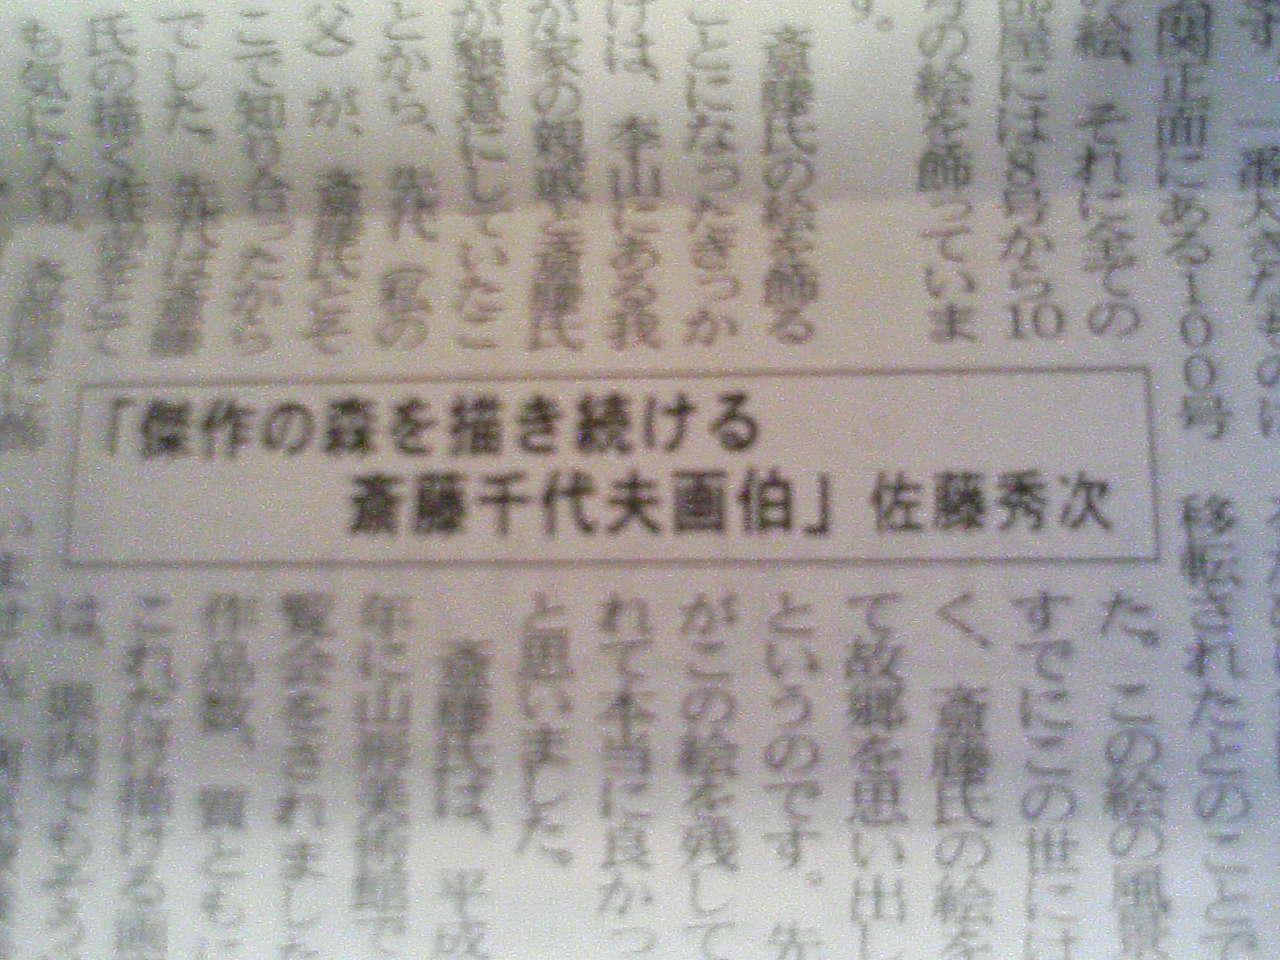 米沢日報に掲載